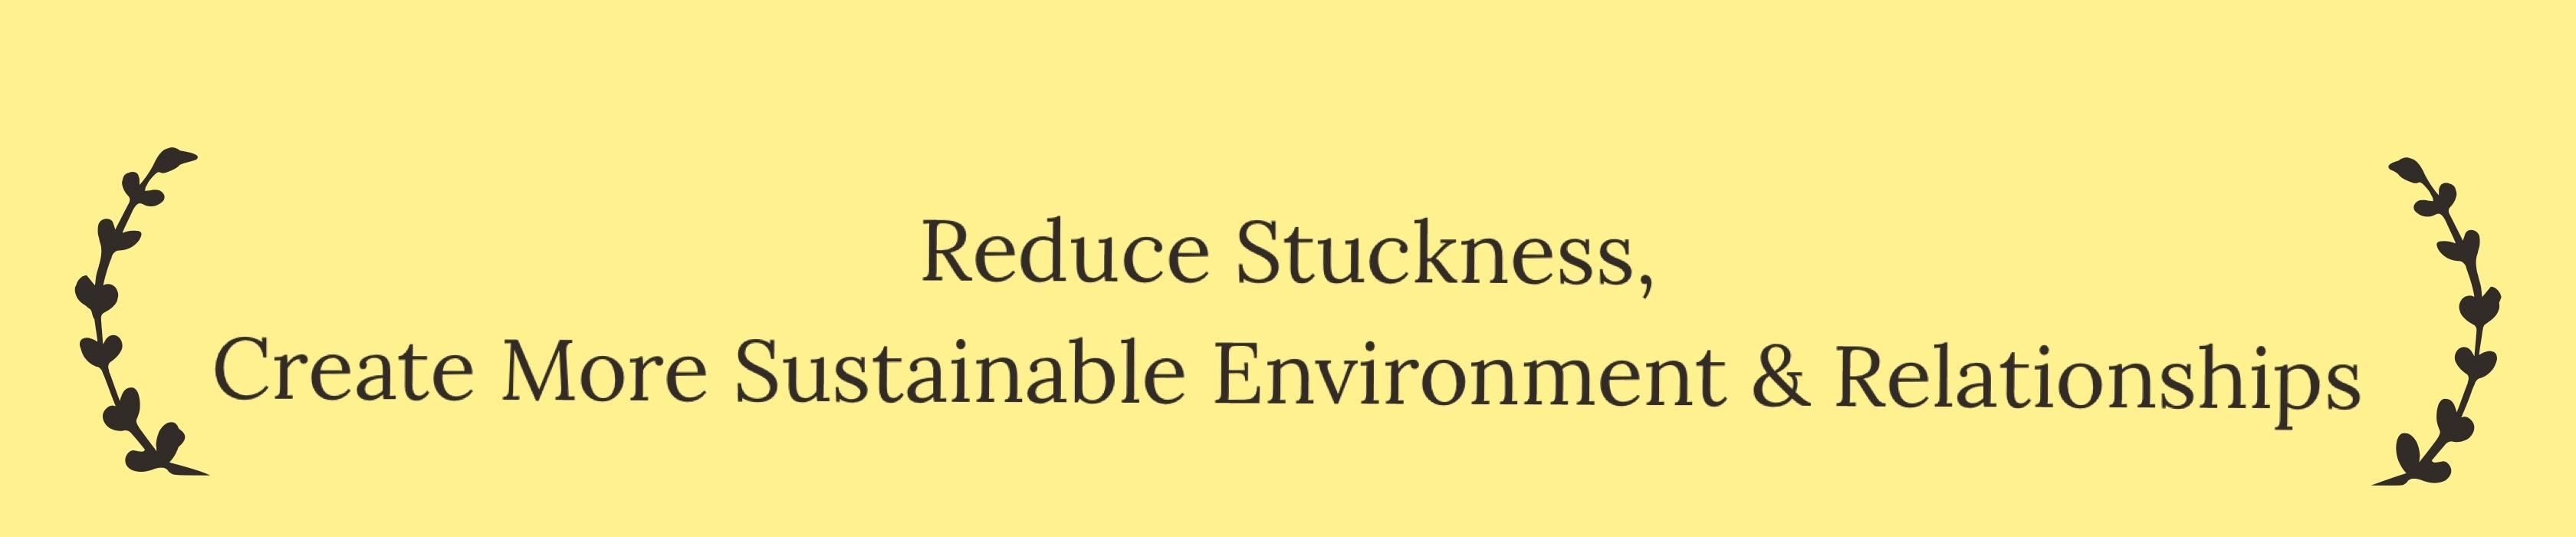 Reduce Stu